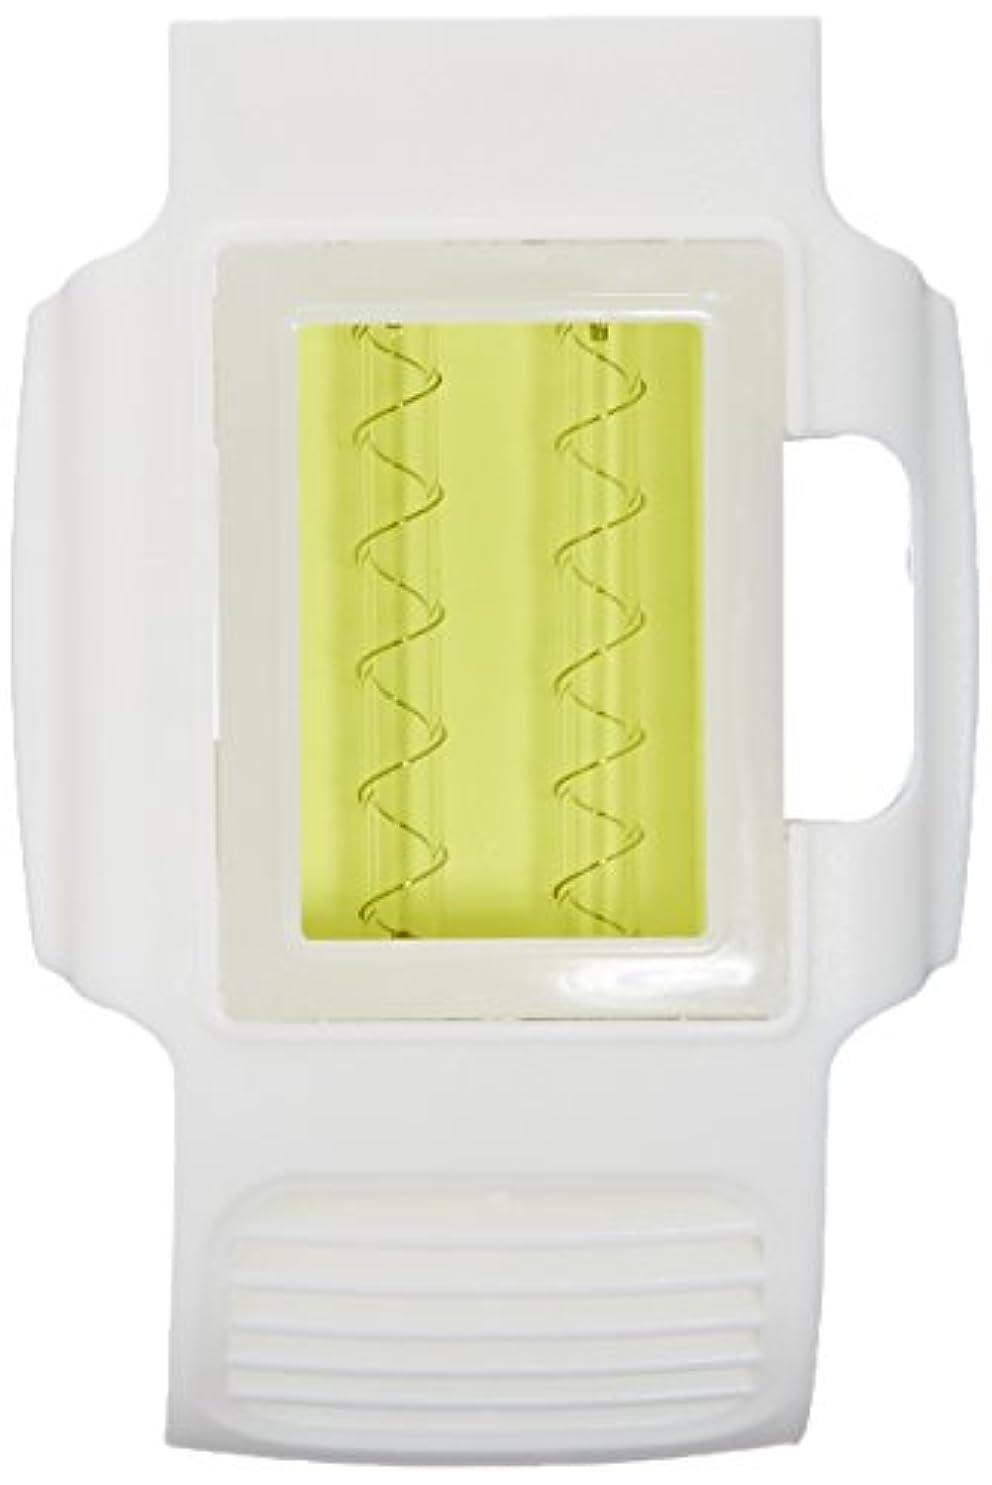 説教フェードアウト家庭教師家庭用脱毛器センスエピ(sensepil)専用ランプカートリッジPlus(1,500ショット)